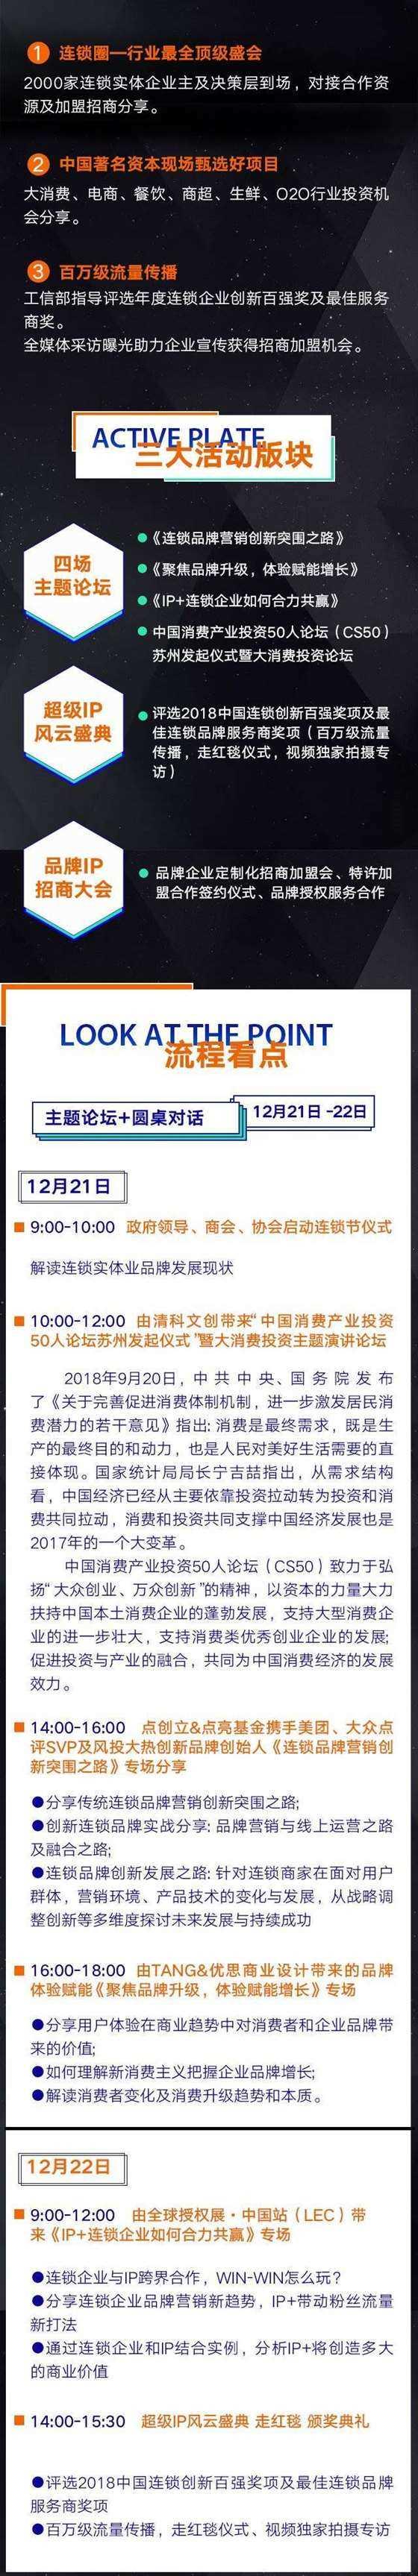 中国连锁节长图11月13日修改无二维码电话_02.jpg